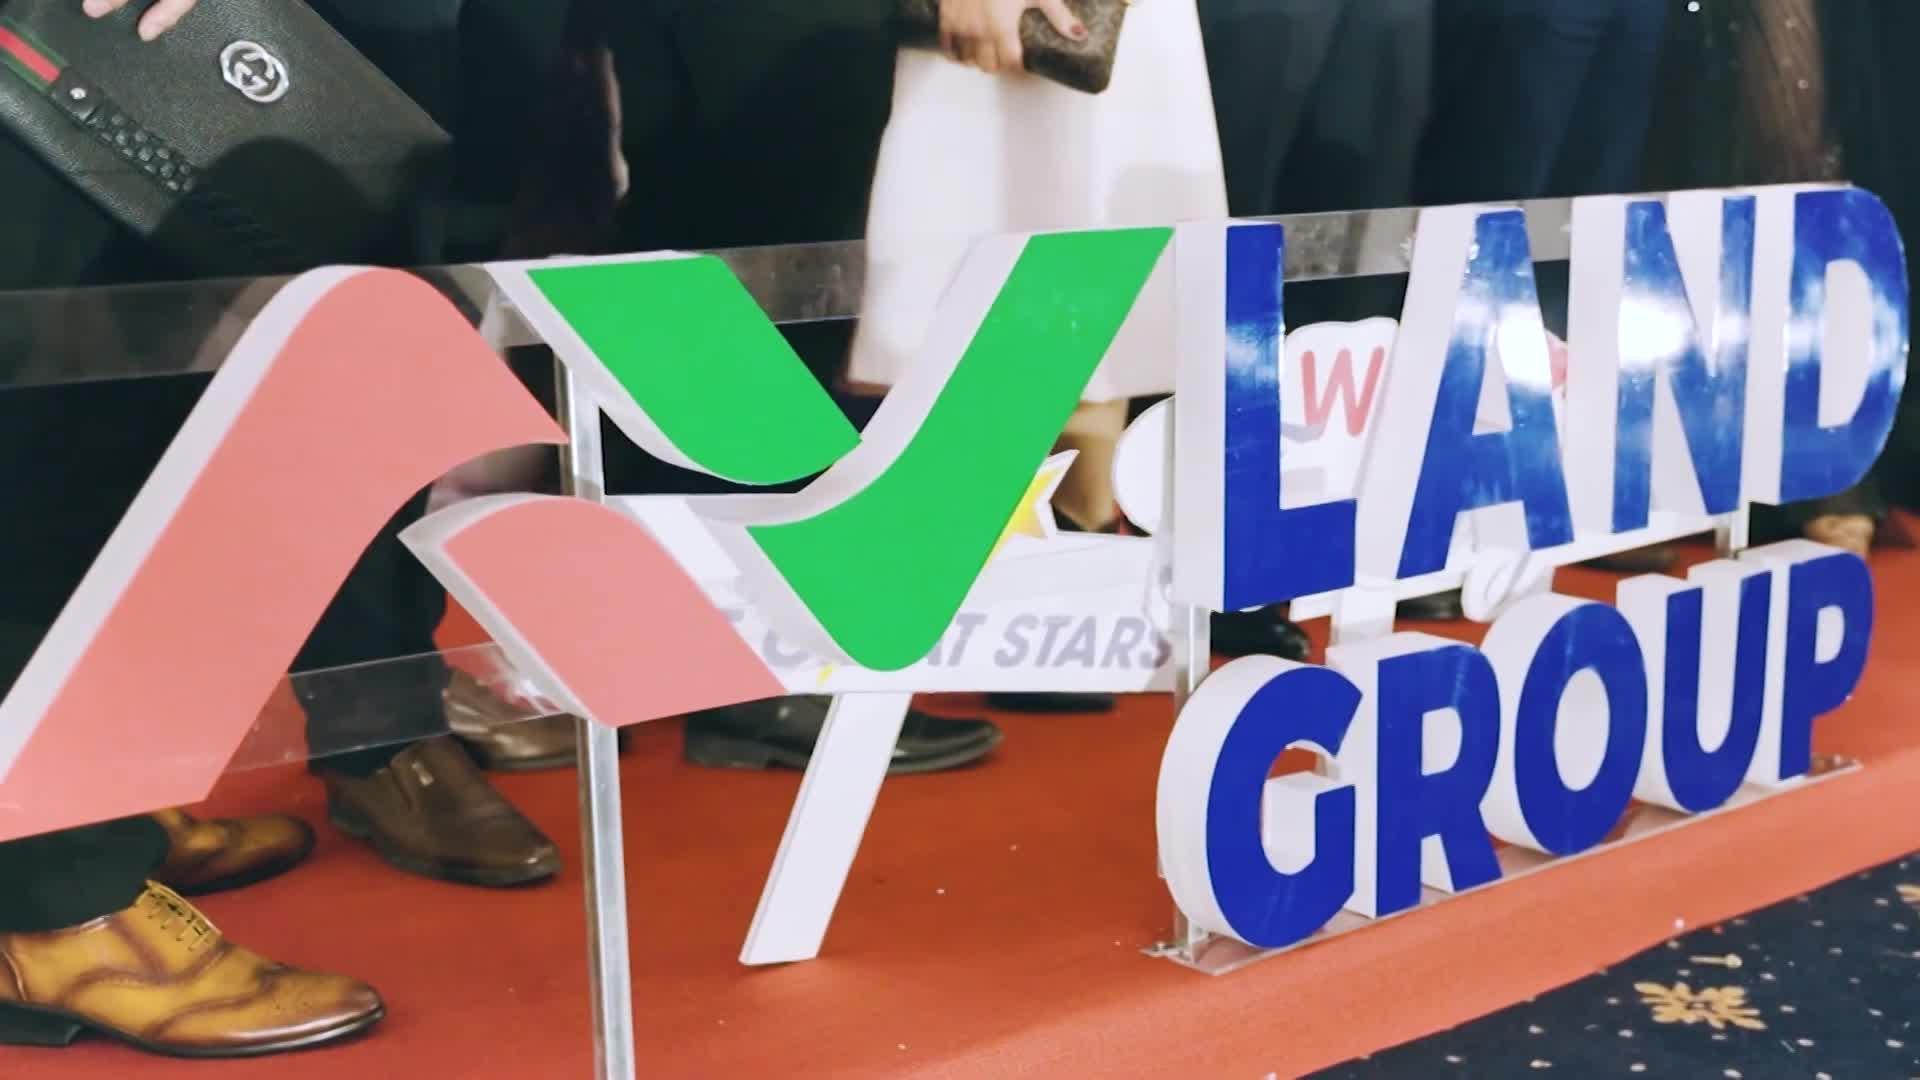 AVLand Group: Bước phát triển về tầm nhìn và sứ mệnh